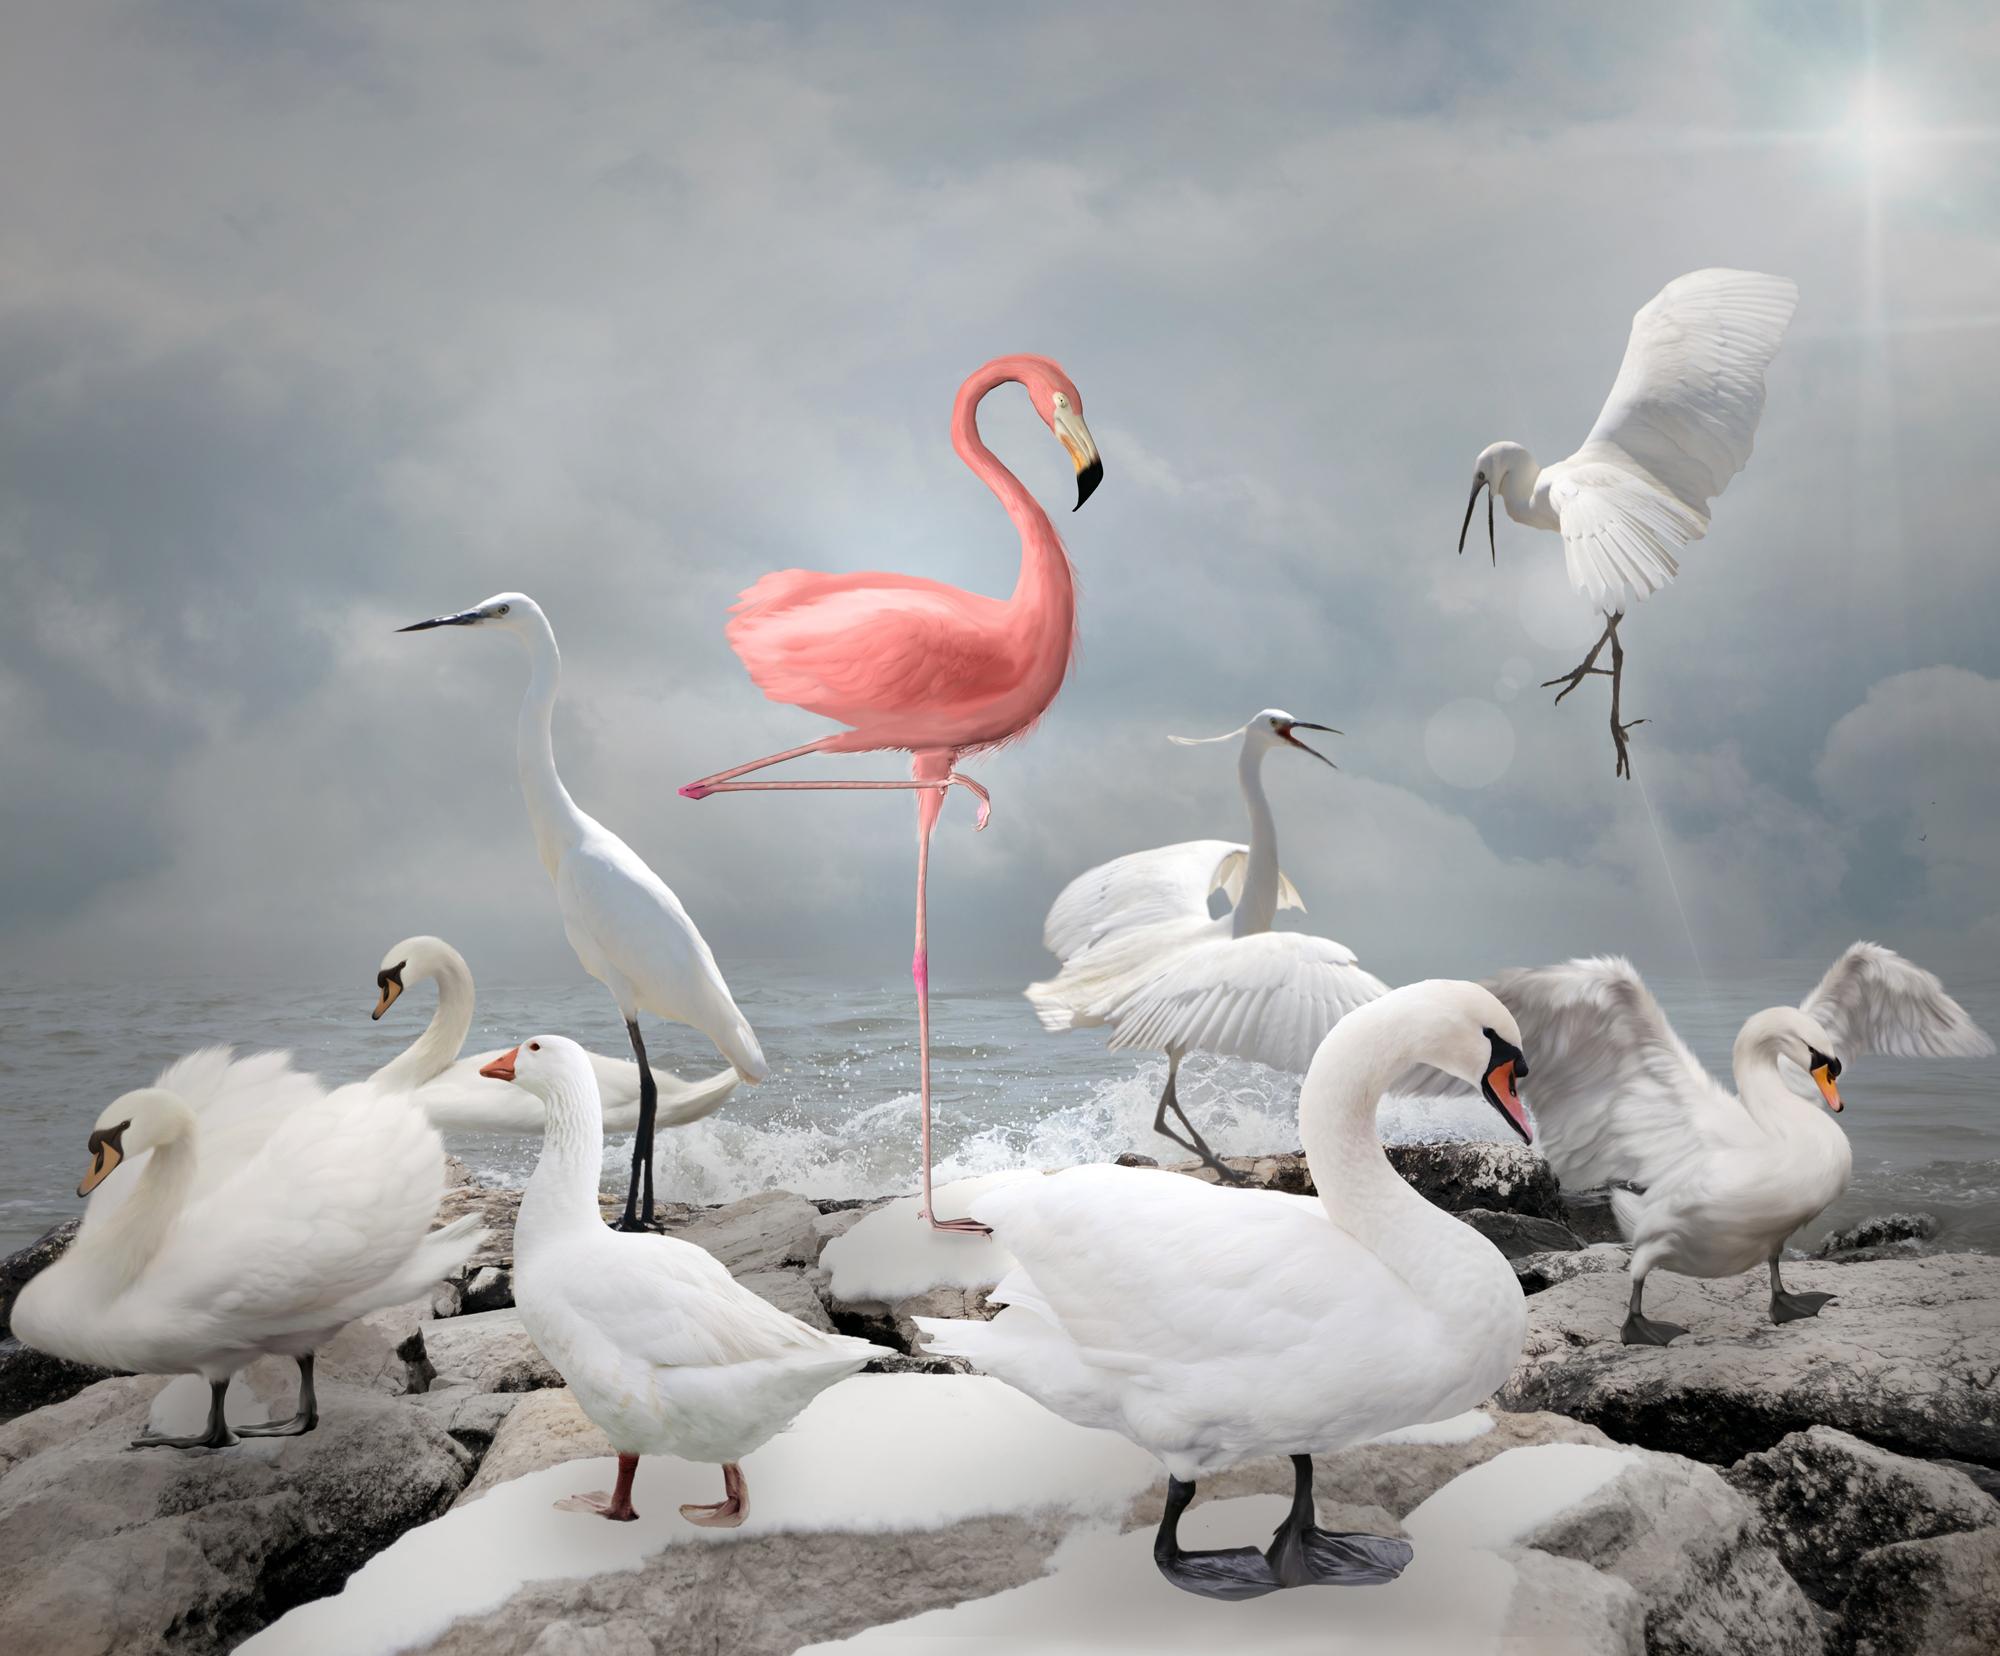 flamingo@bayer-bayer.com